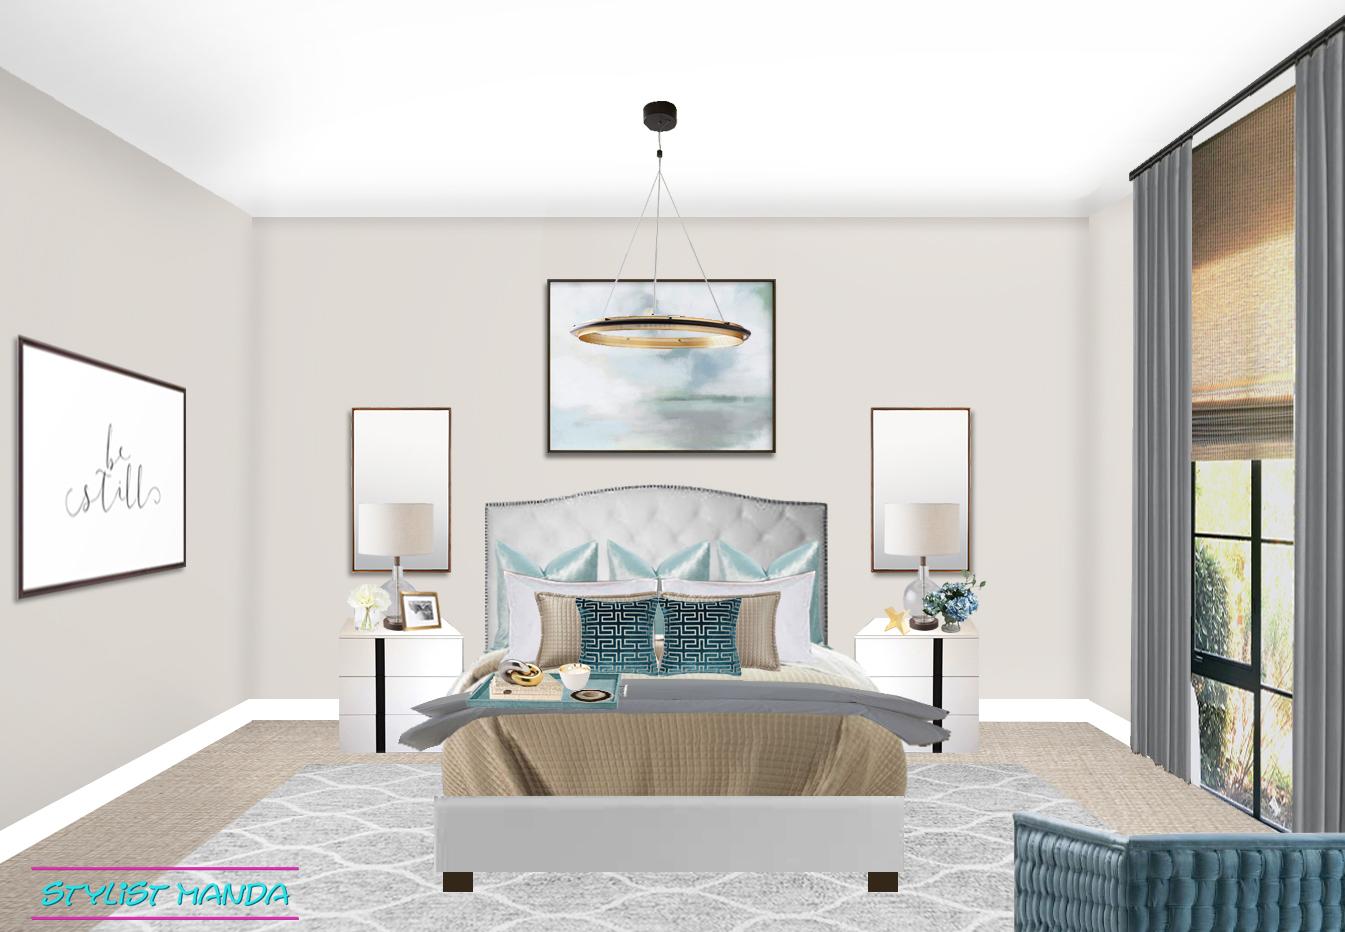 bedroom luxe design view 1.jpg